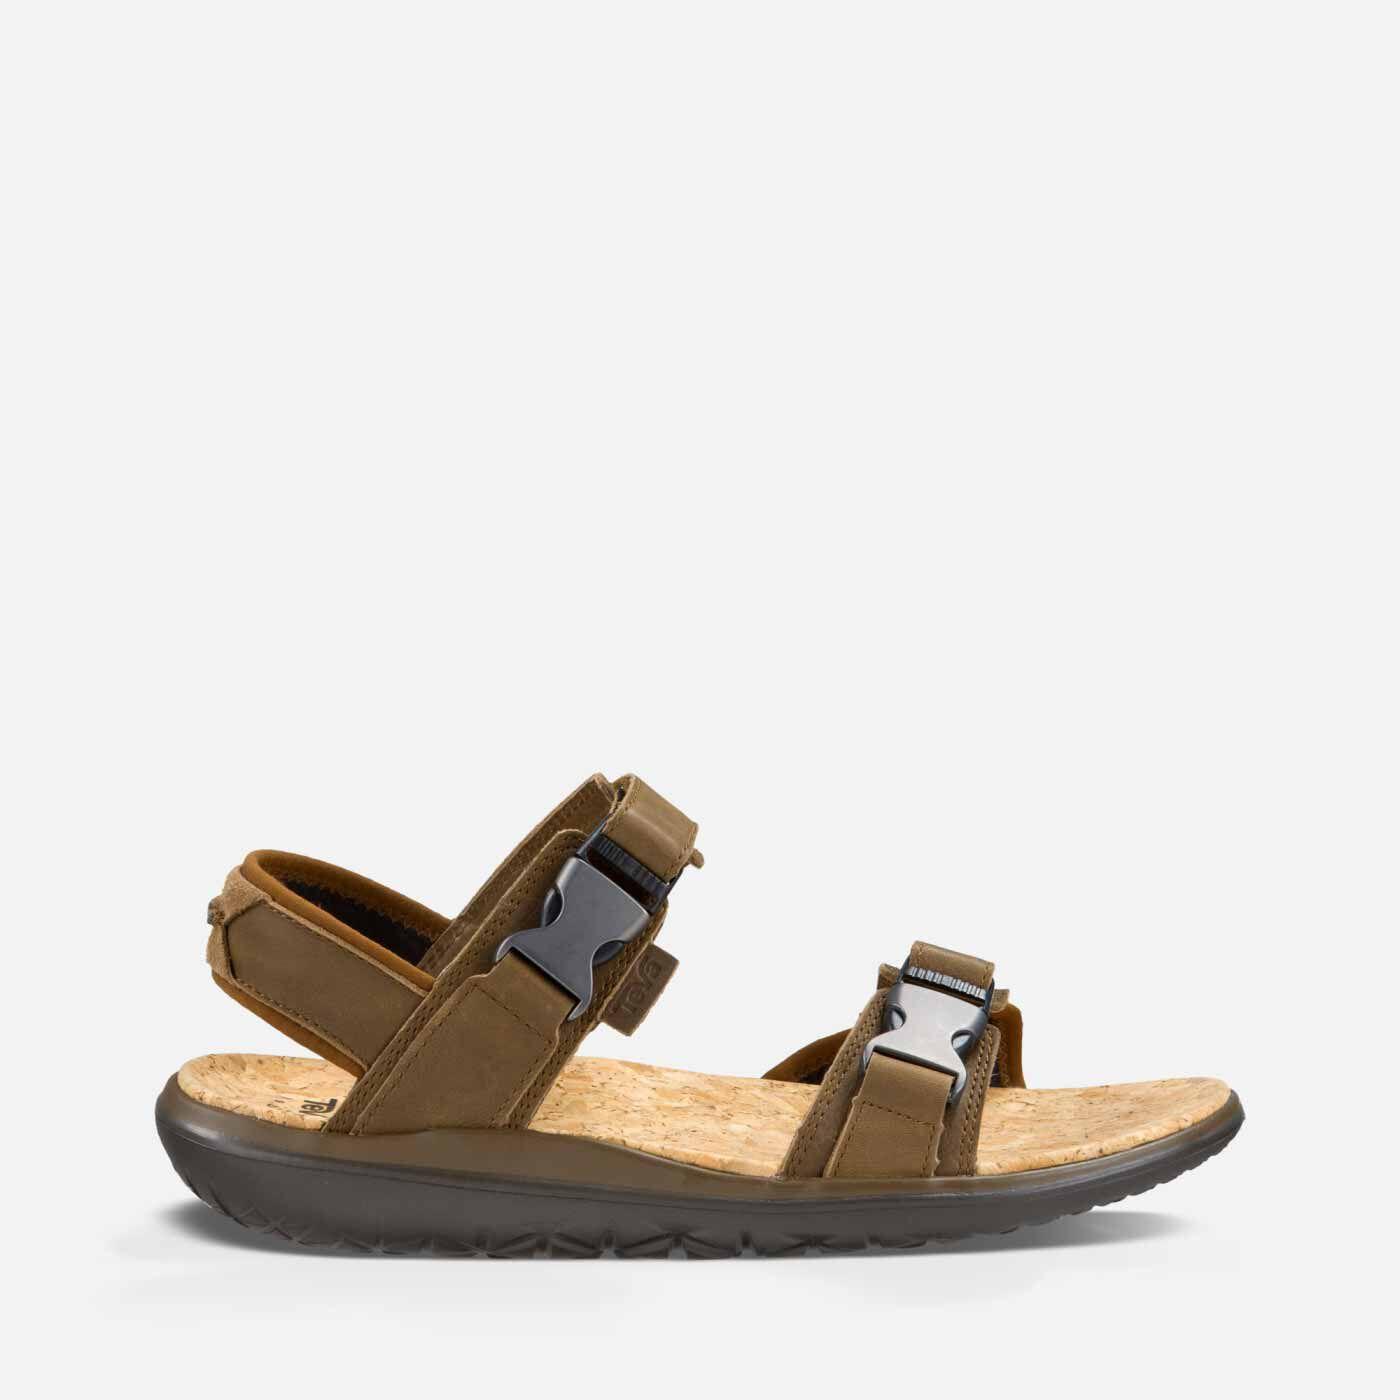 Sandals shoes sale - Terra Float Universal Lux